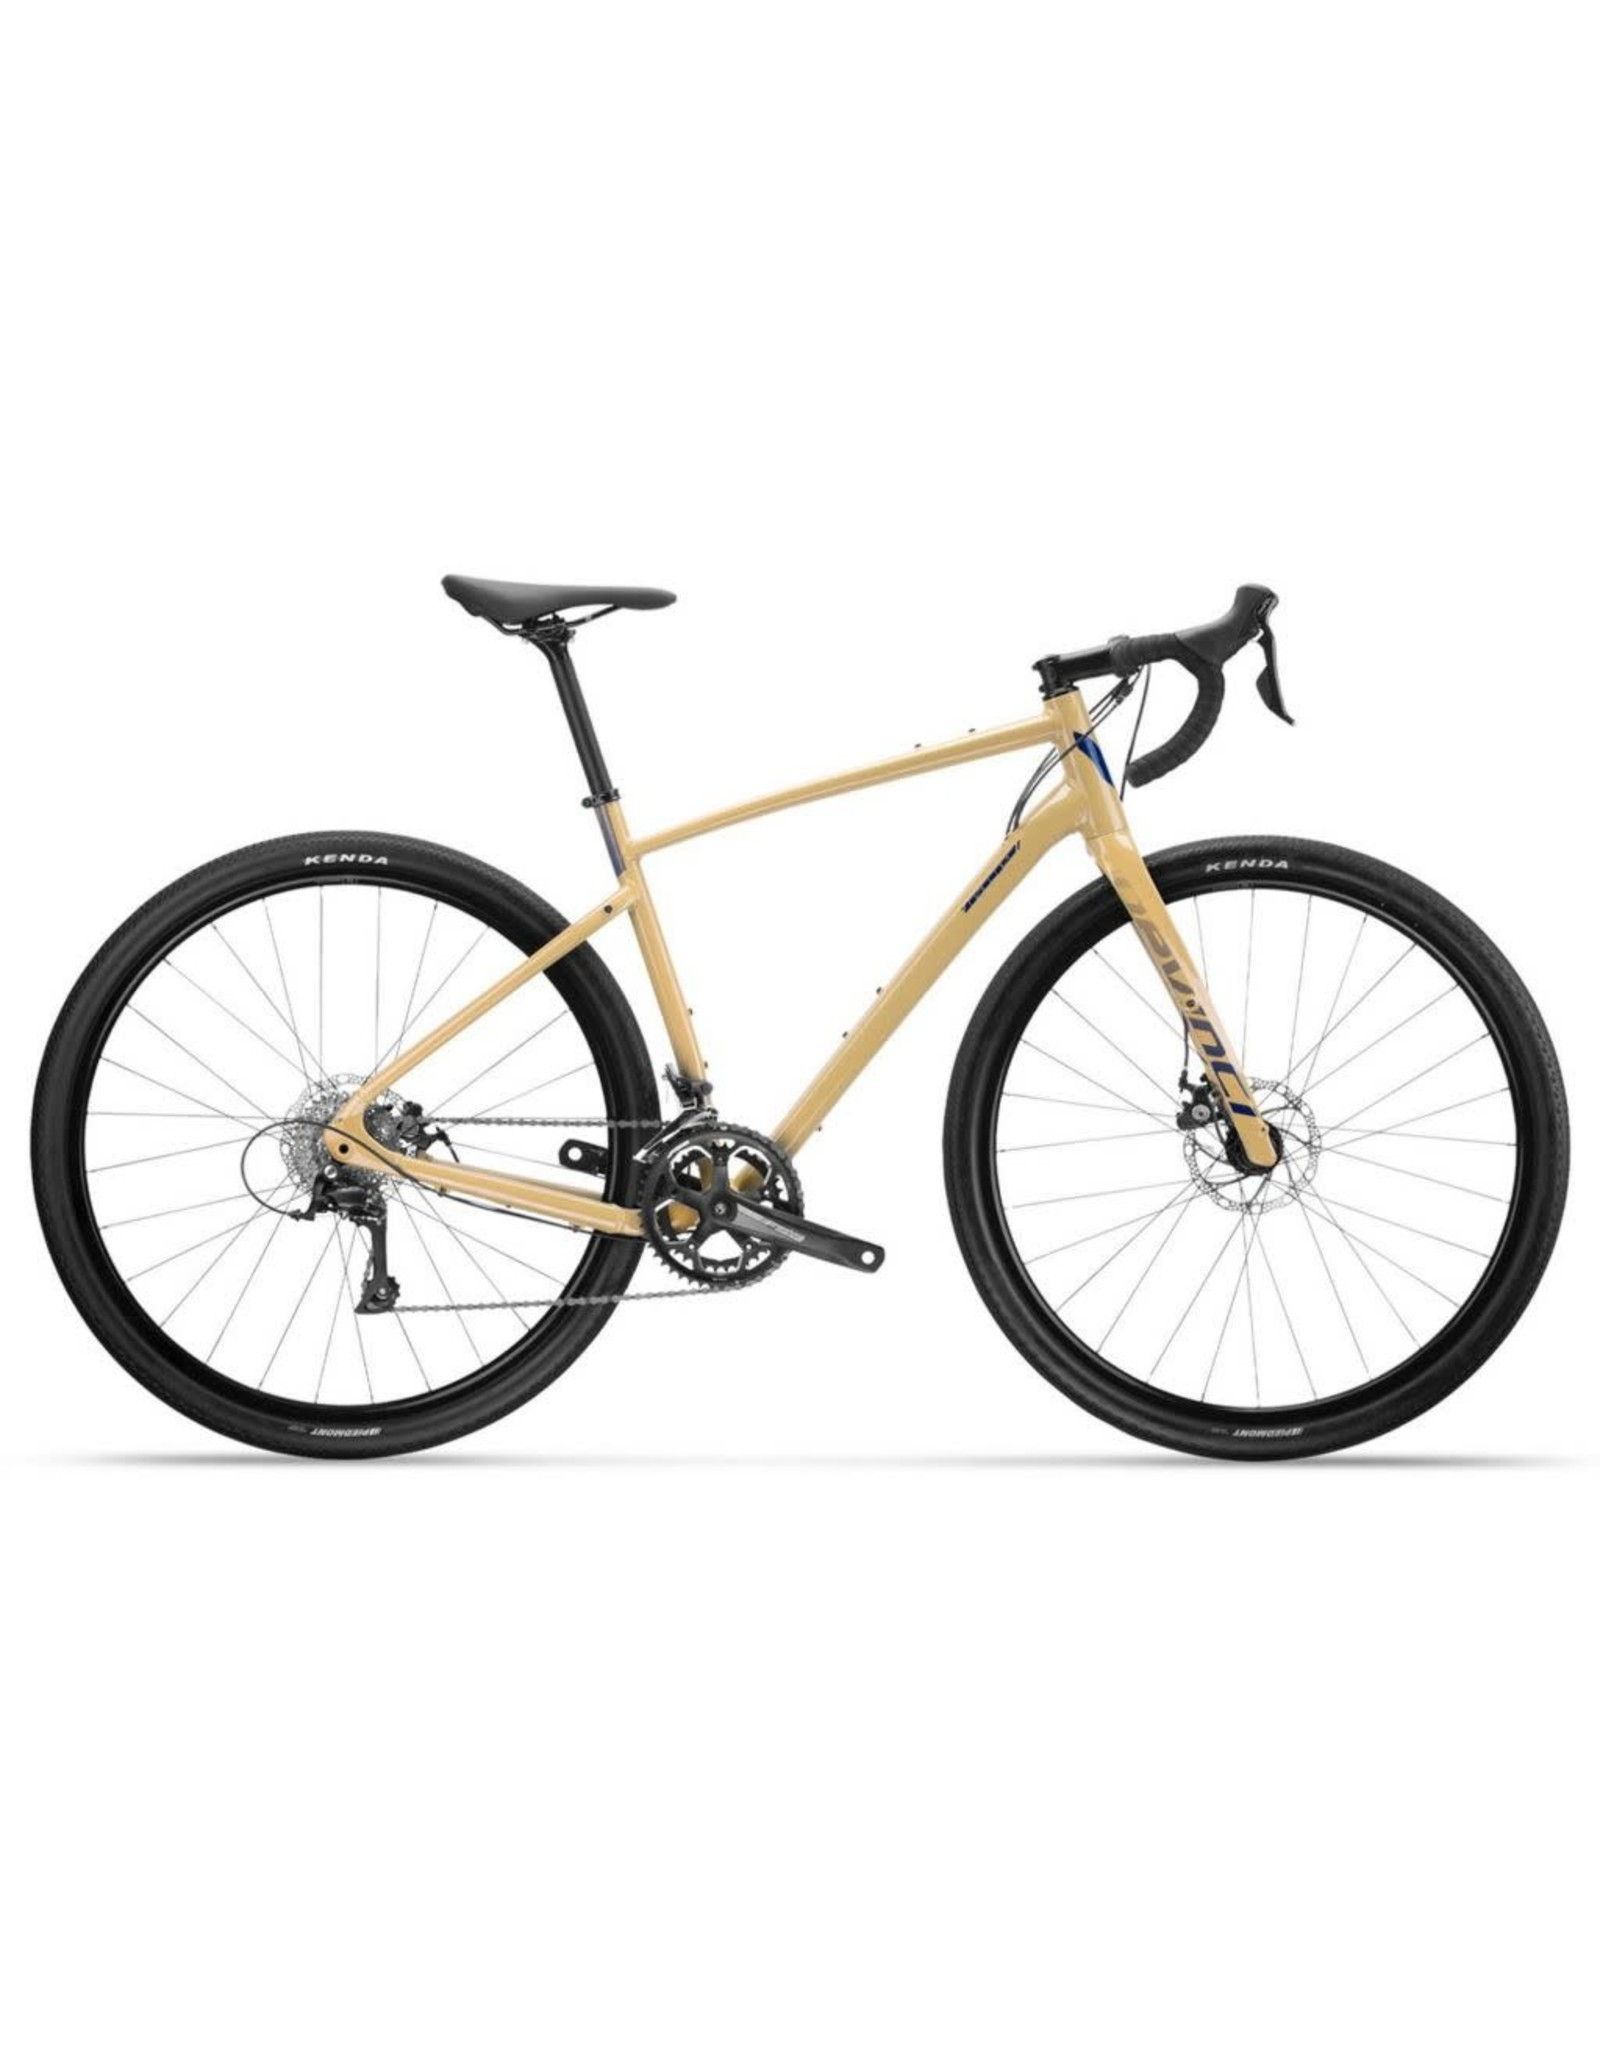 Devinci Hatchet Tiagra Gravel Bike 52cm